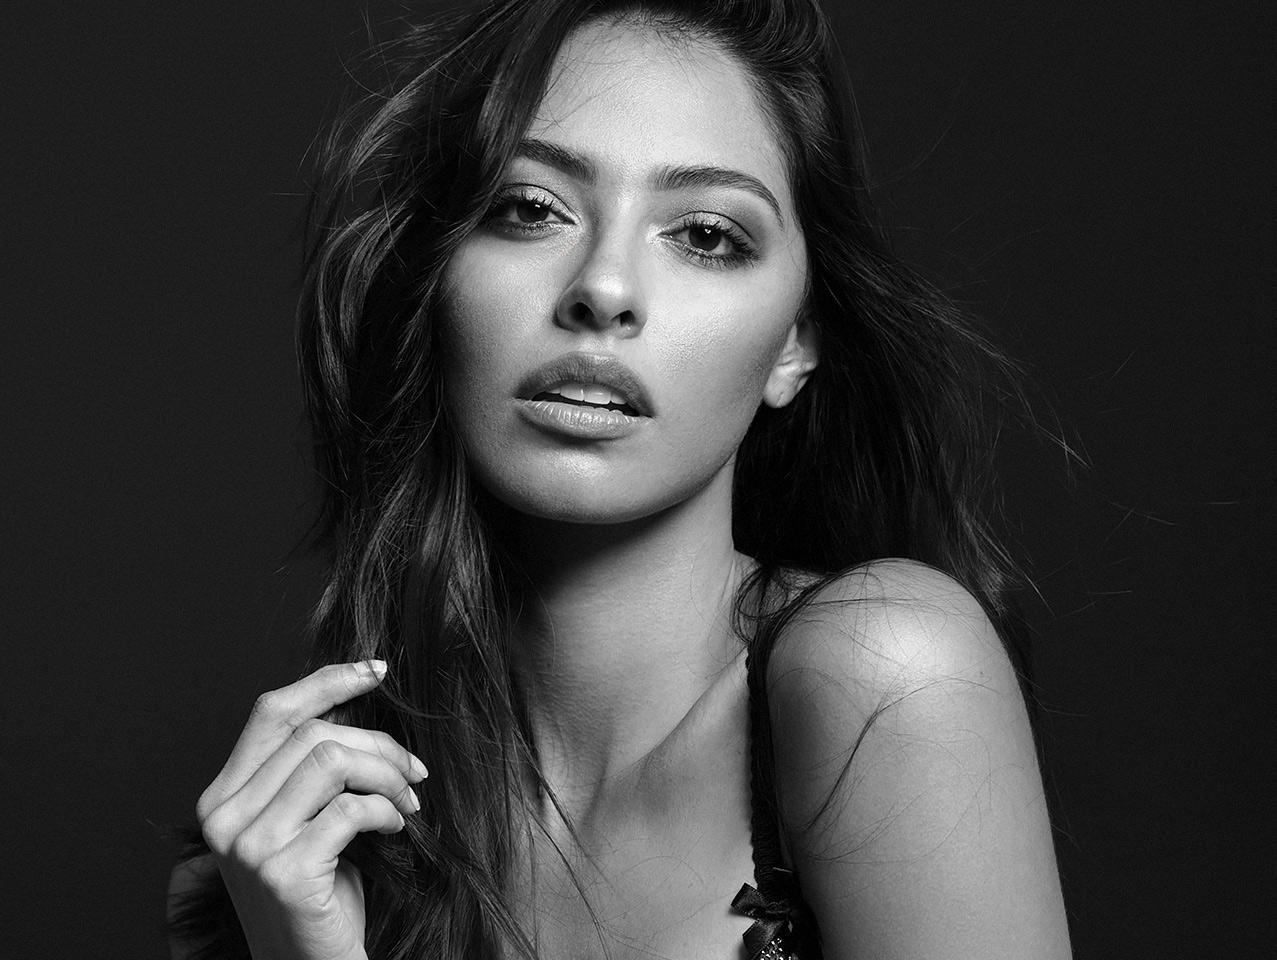 Foto profesional de mujer en blanco y negro Colombia